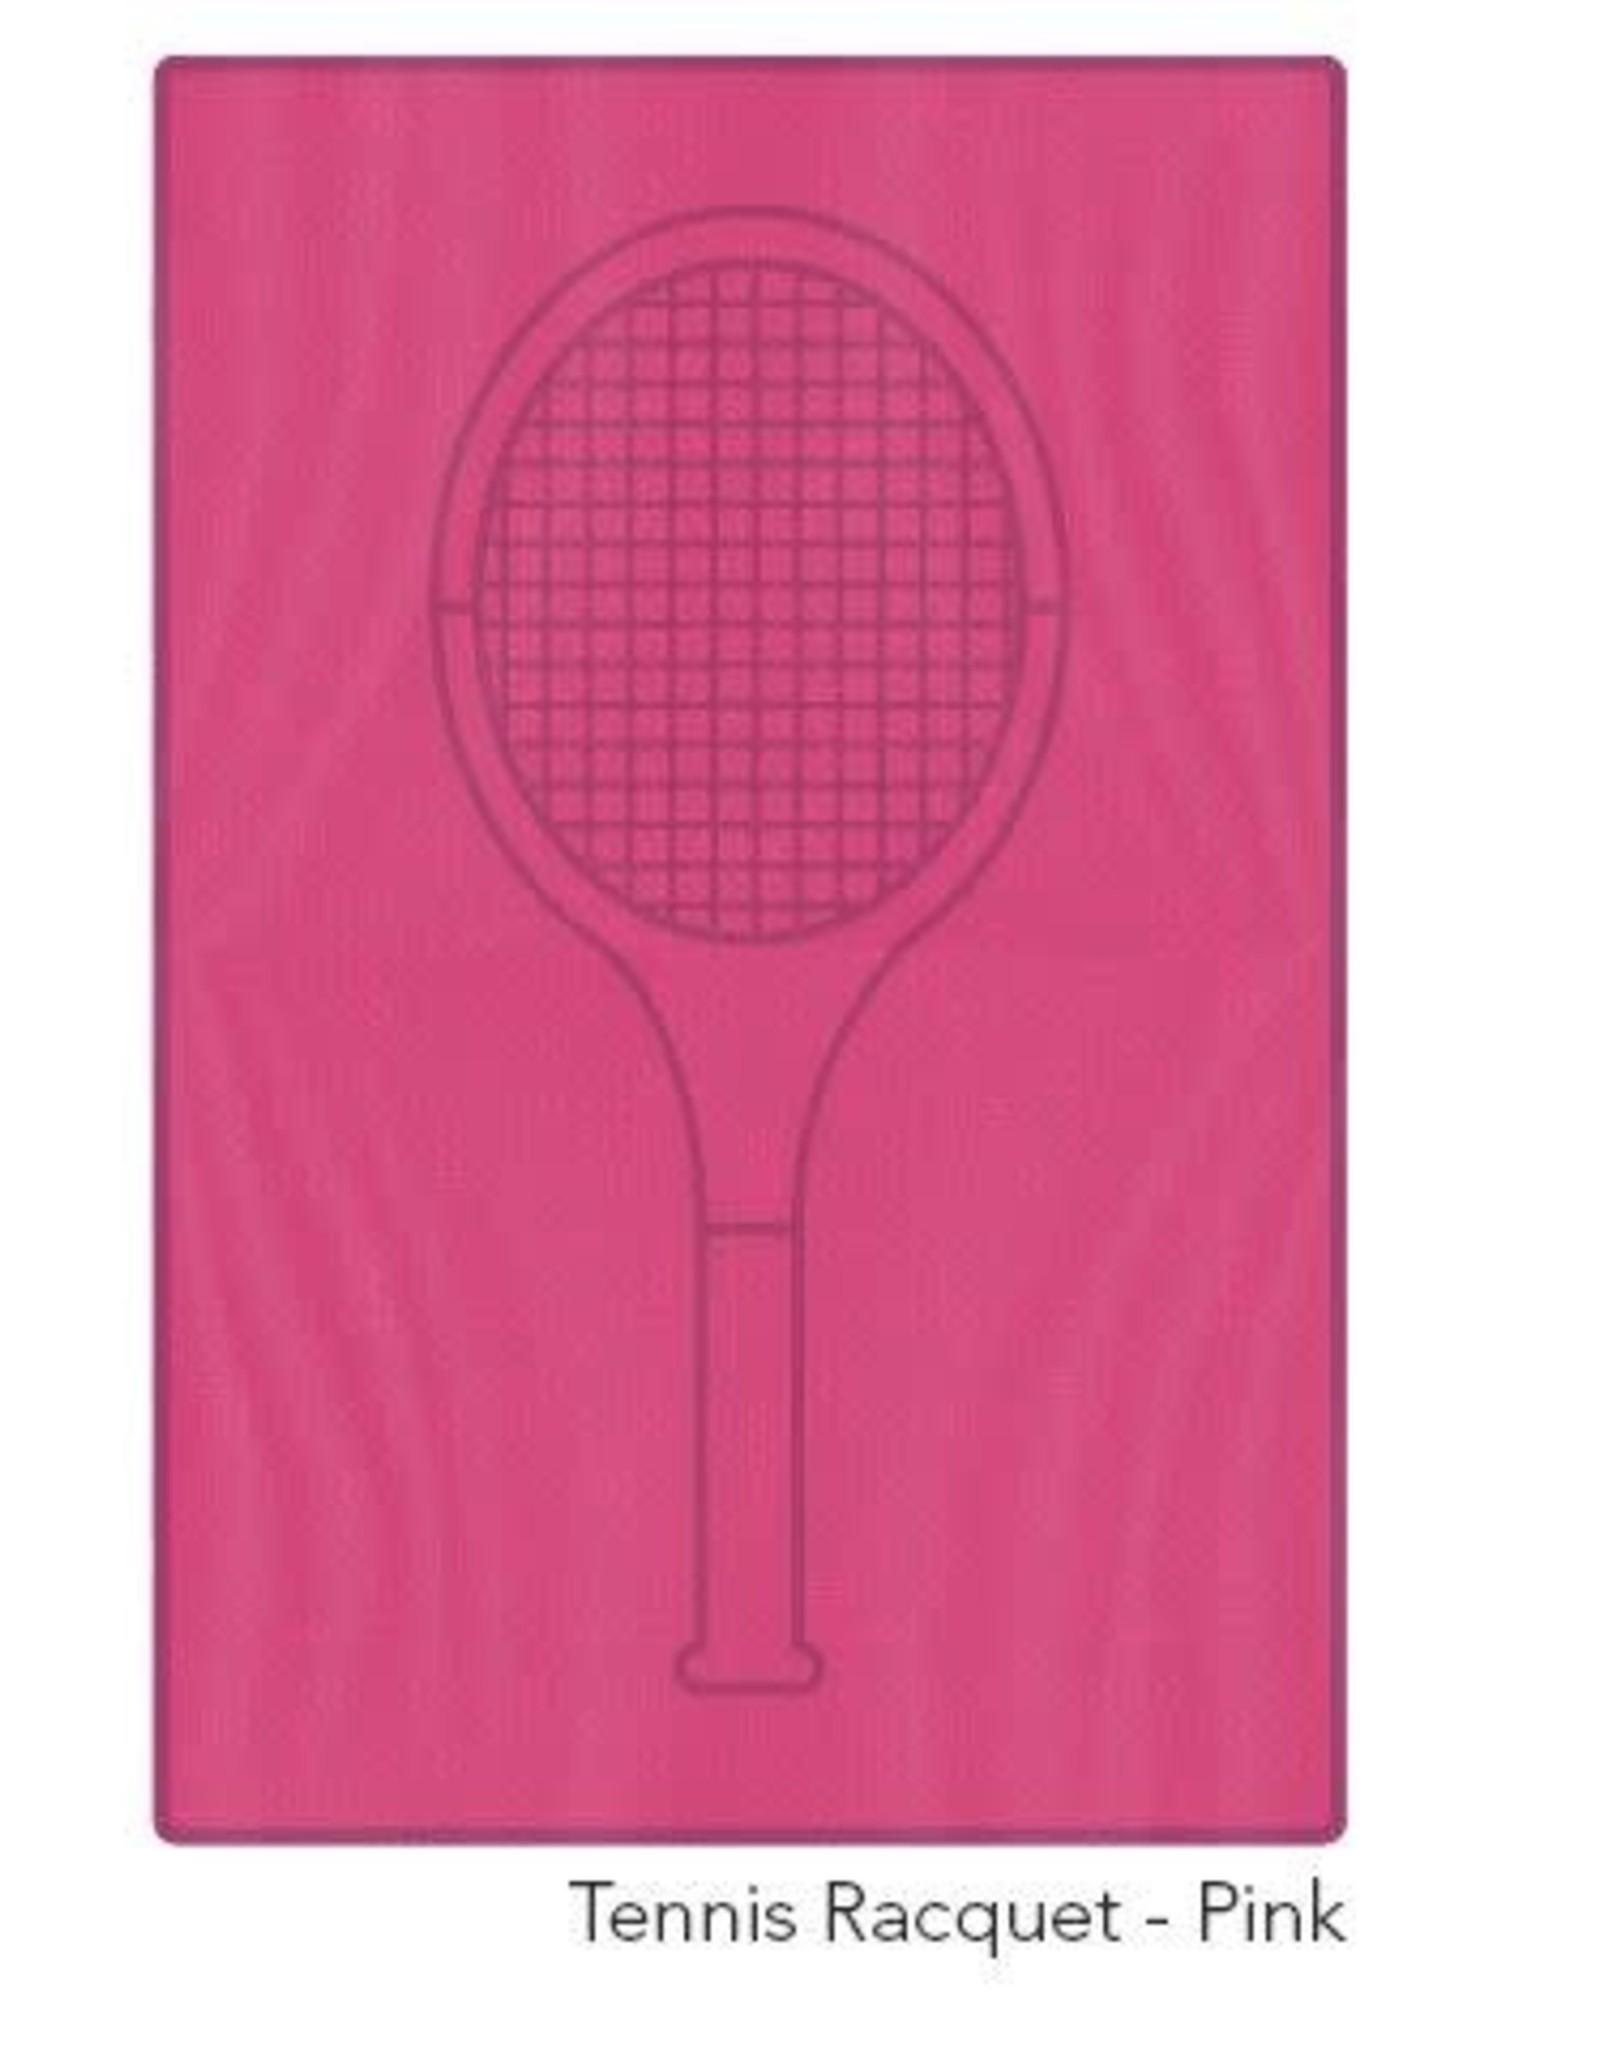 Racquet Inc Tennis Racquet Towel (Pink)